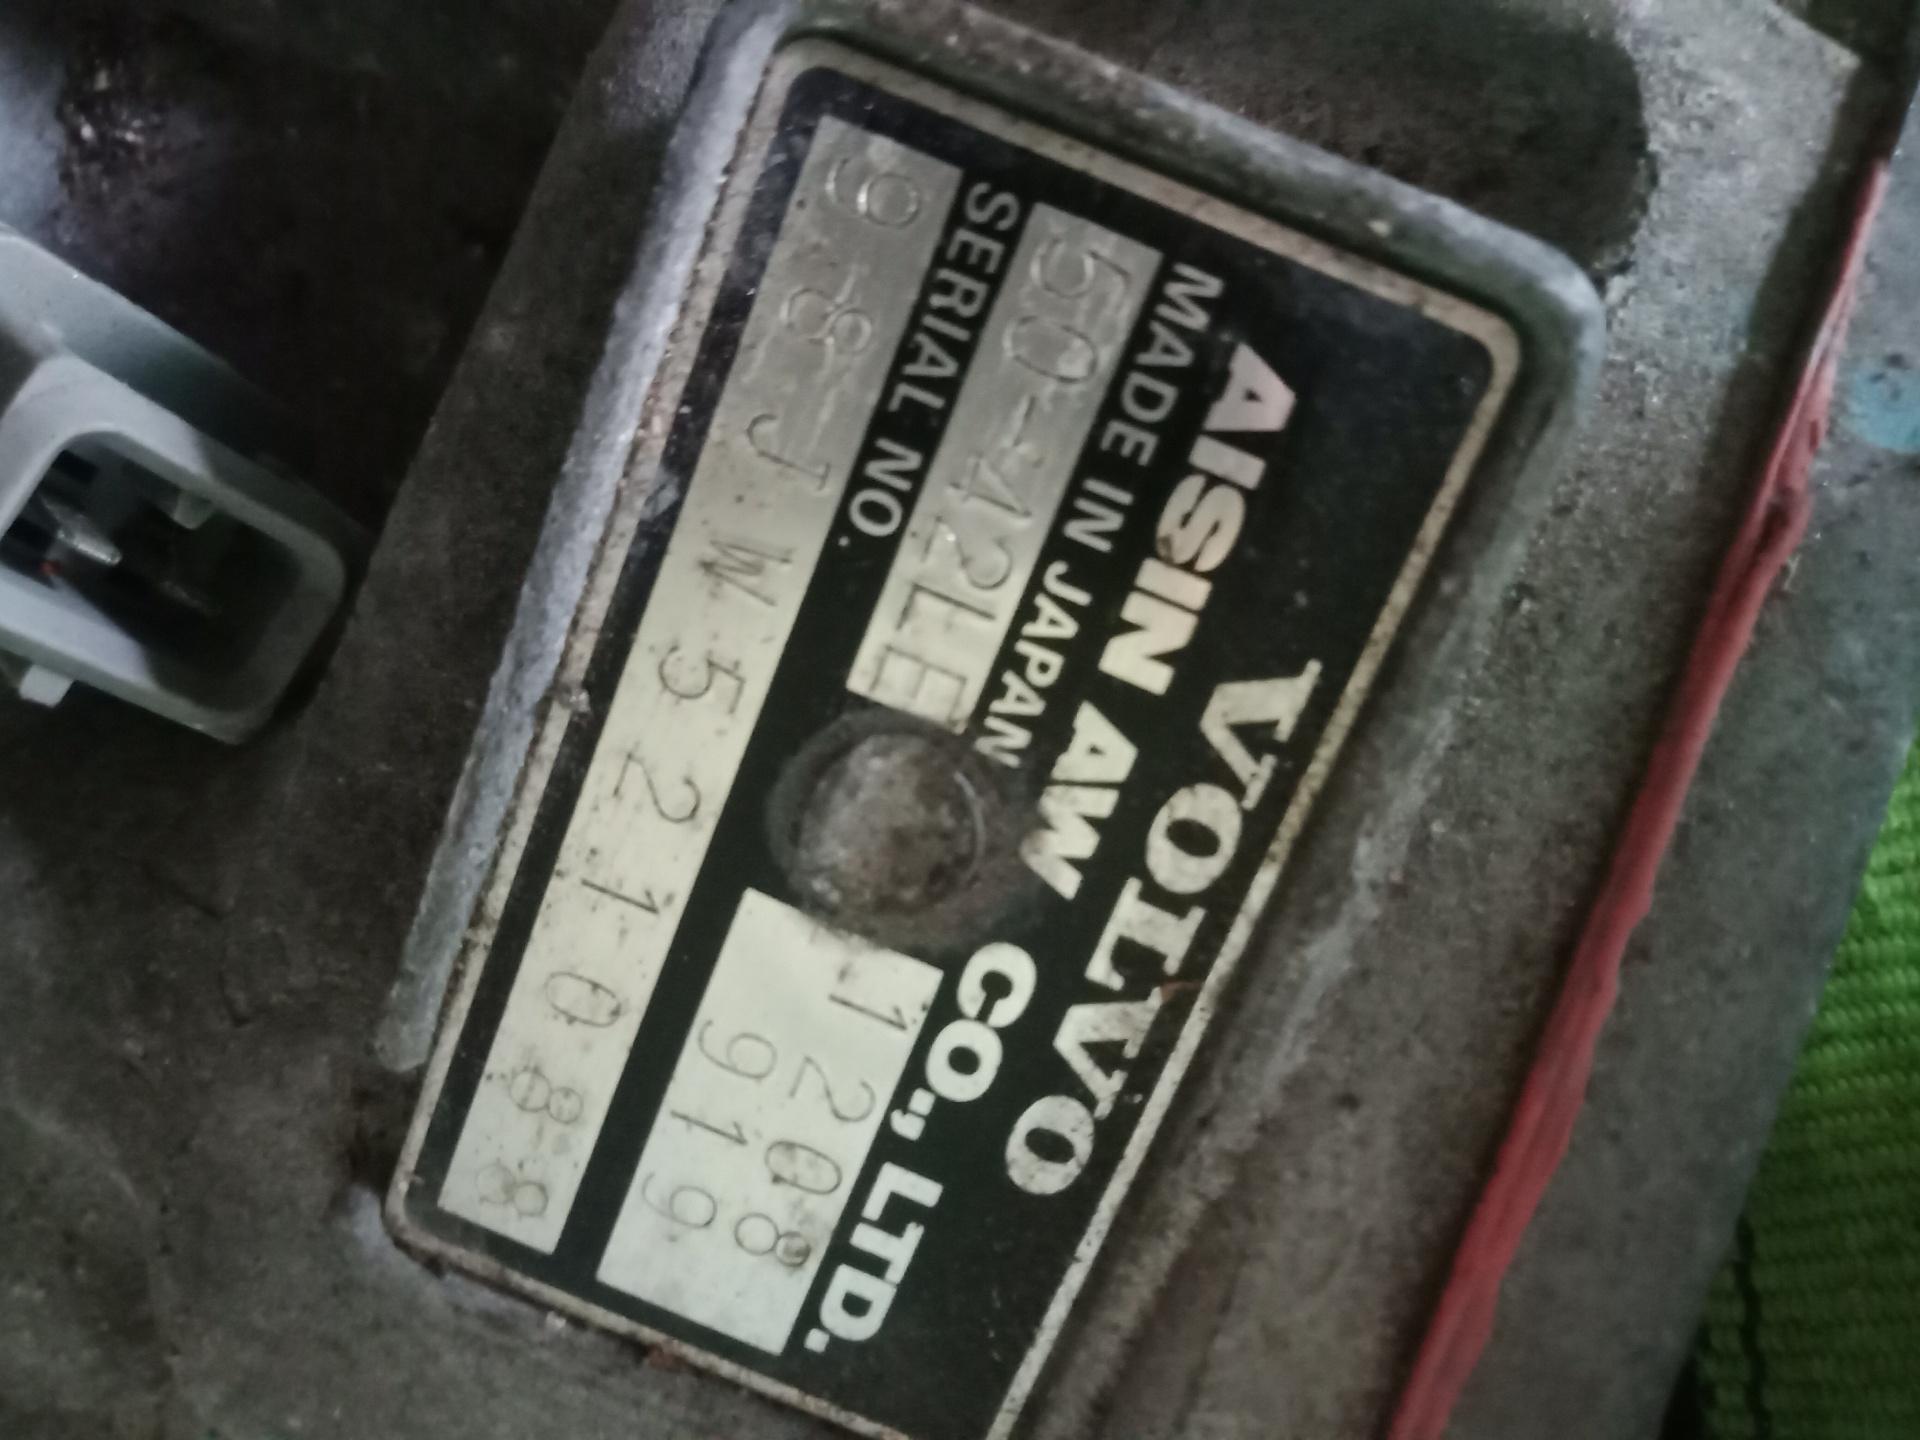 DA7DA389-1936-4F85-B0B6-883833BEF698.jpeg